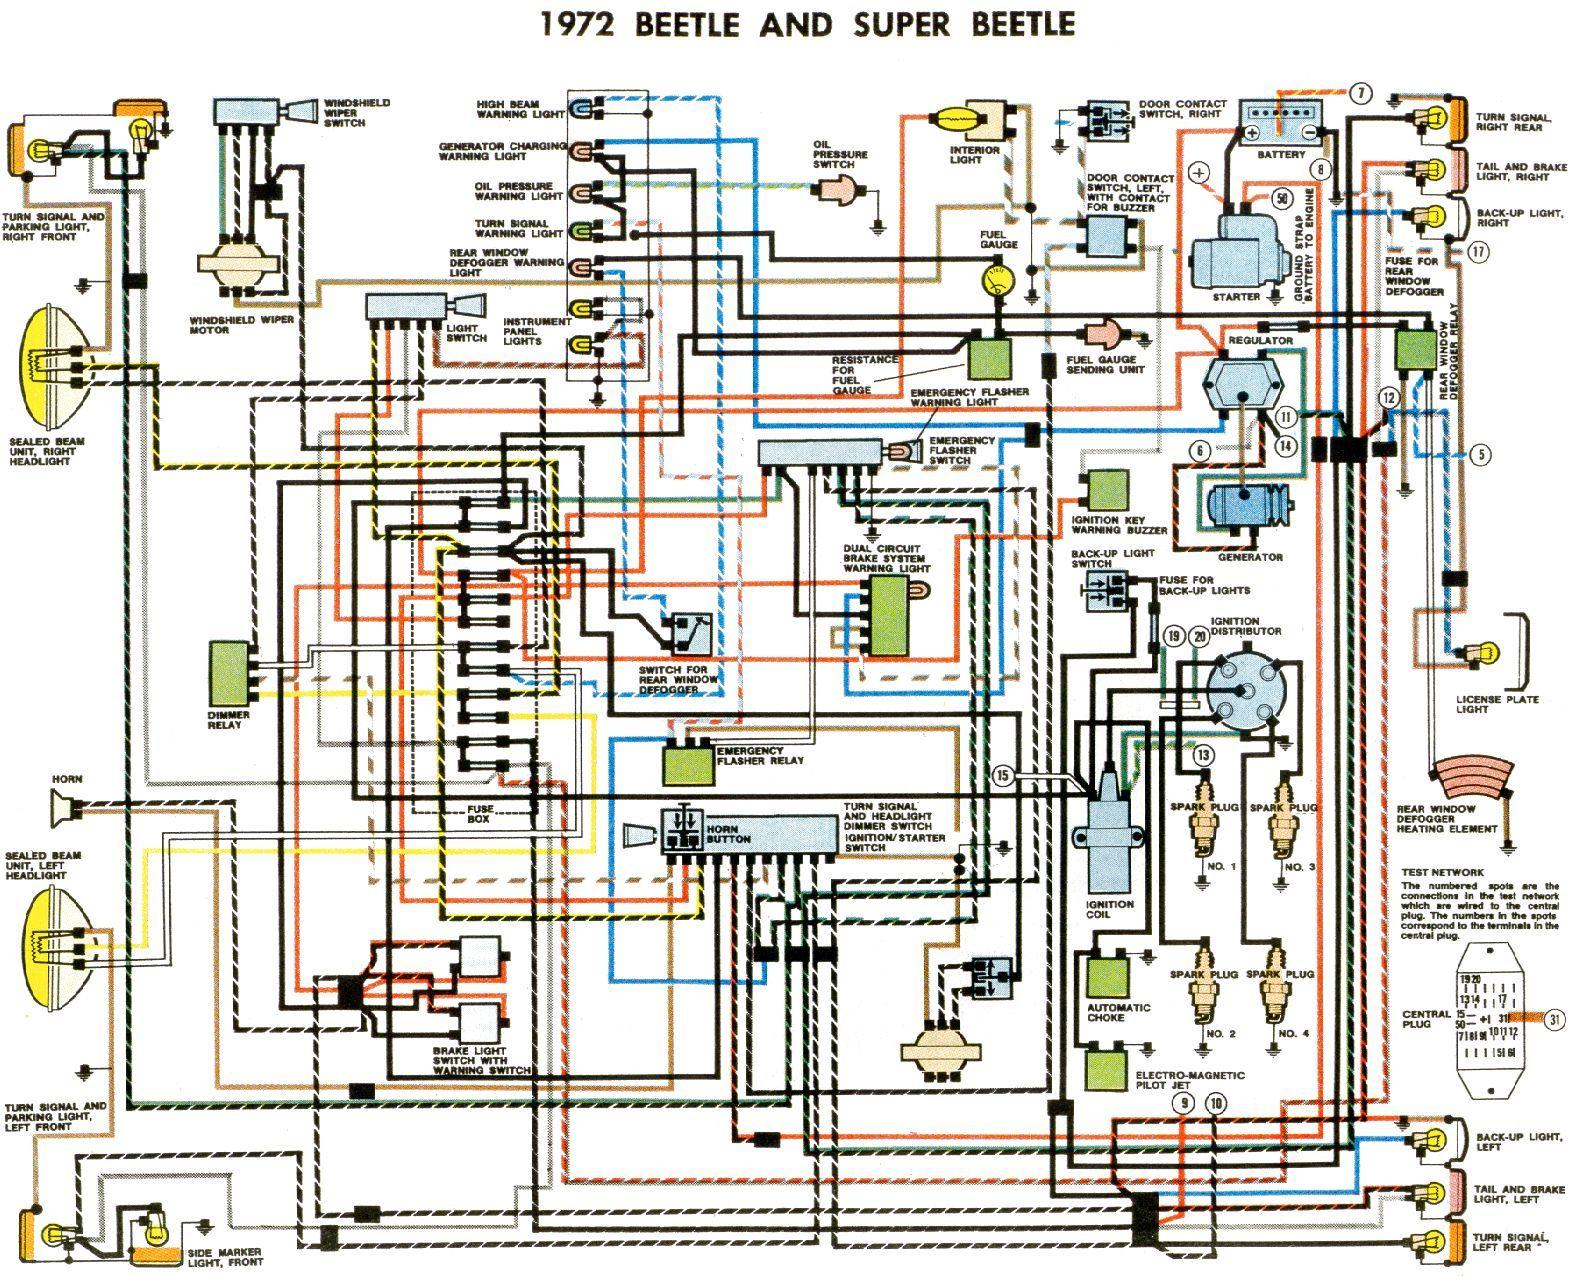 72 Vw Super Beetle Wiring Diagram